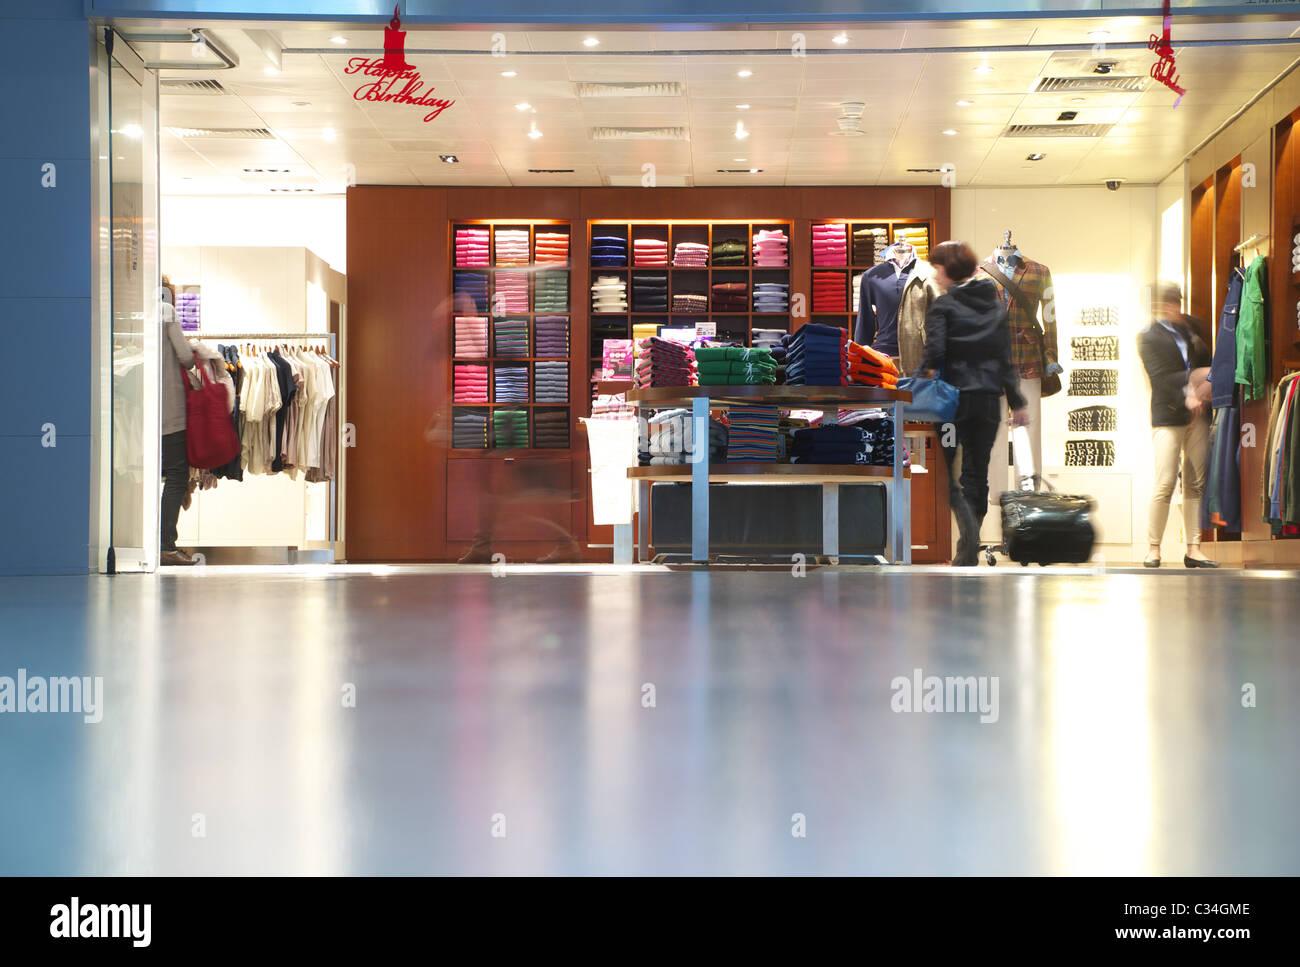 Ralph Lauren Store Shop Stock Photos Amp Ralph Lauren Store Shop Stock Images Alamy